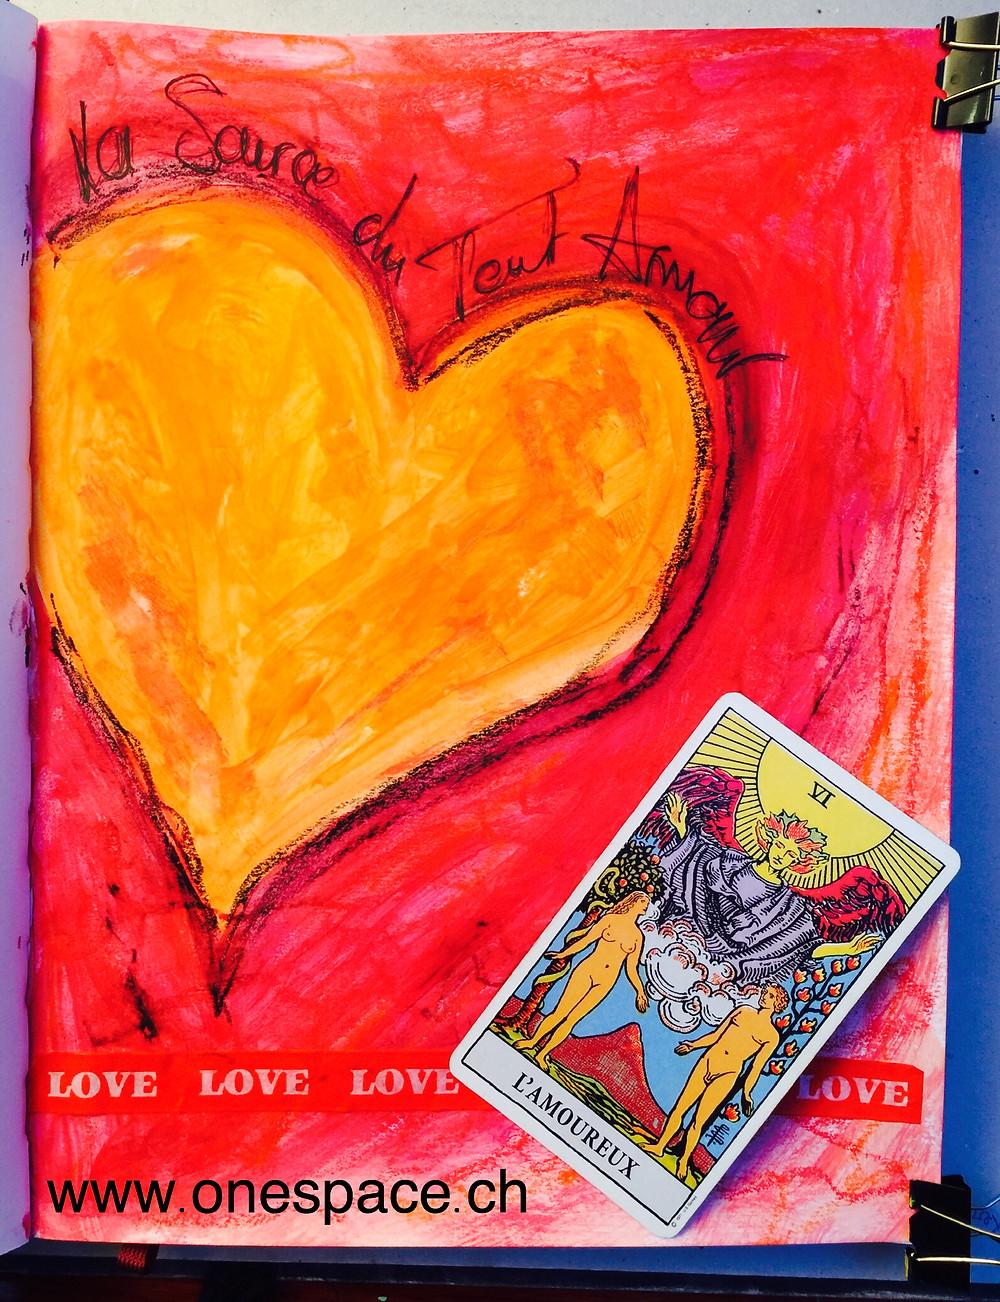 L'amoureux en vous (cc onespace.ch)